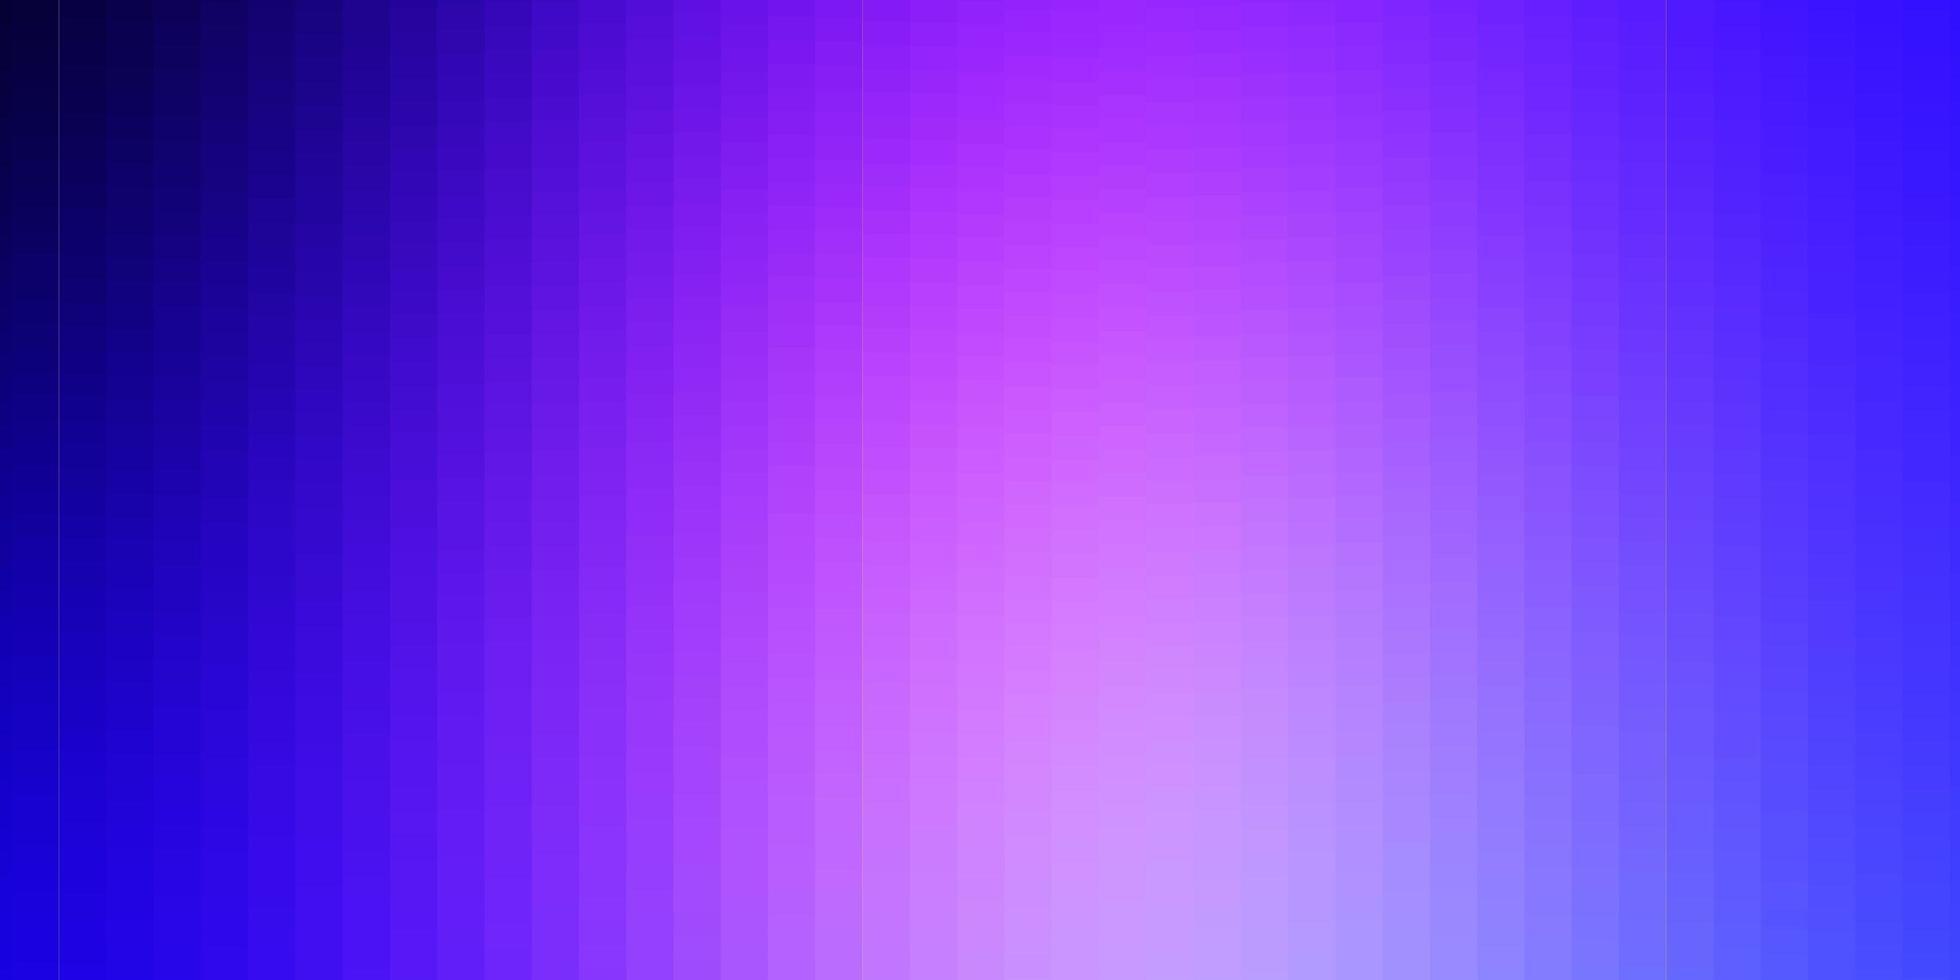 toile de fond de vecteur rose clair, bleu avec des rectangles.